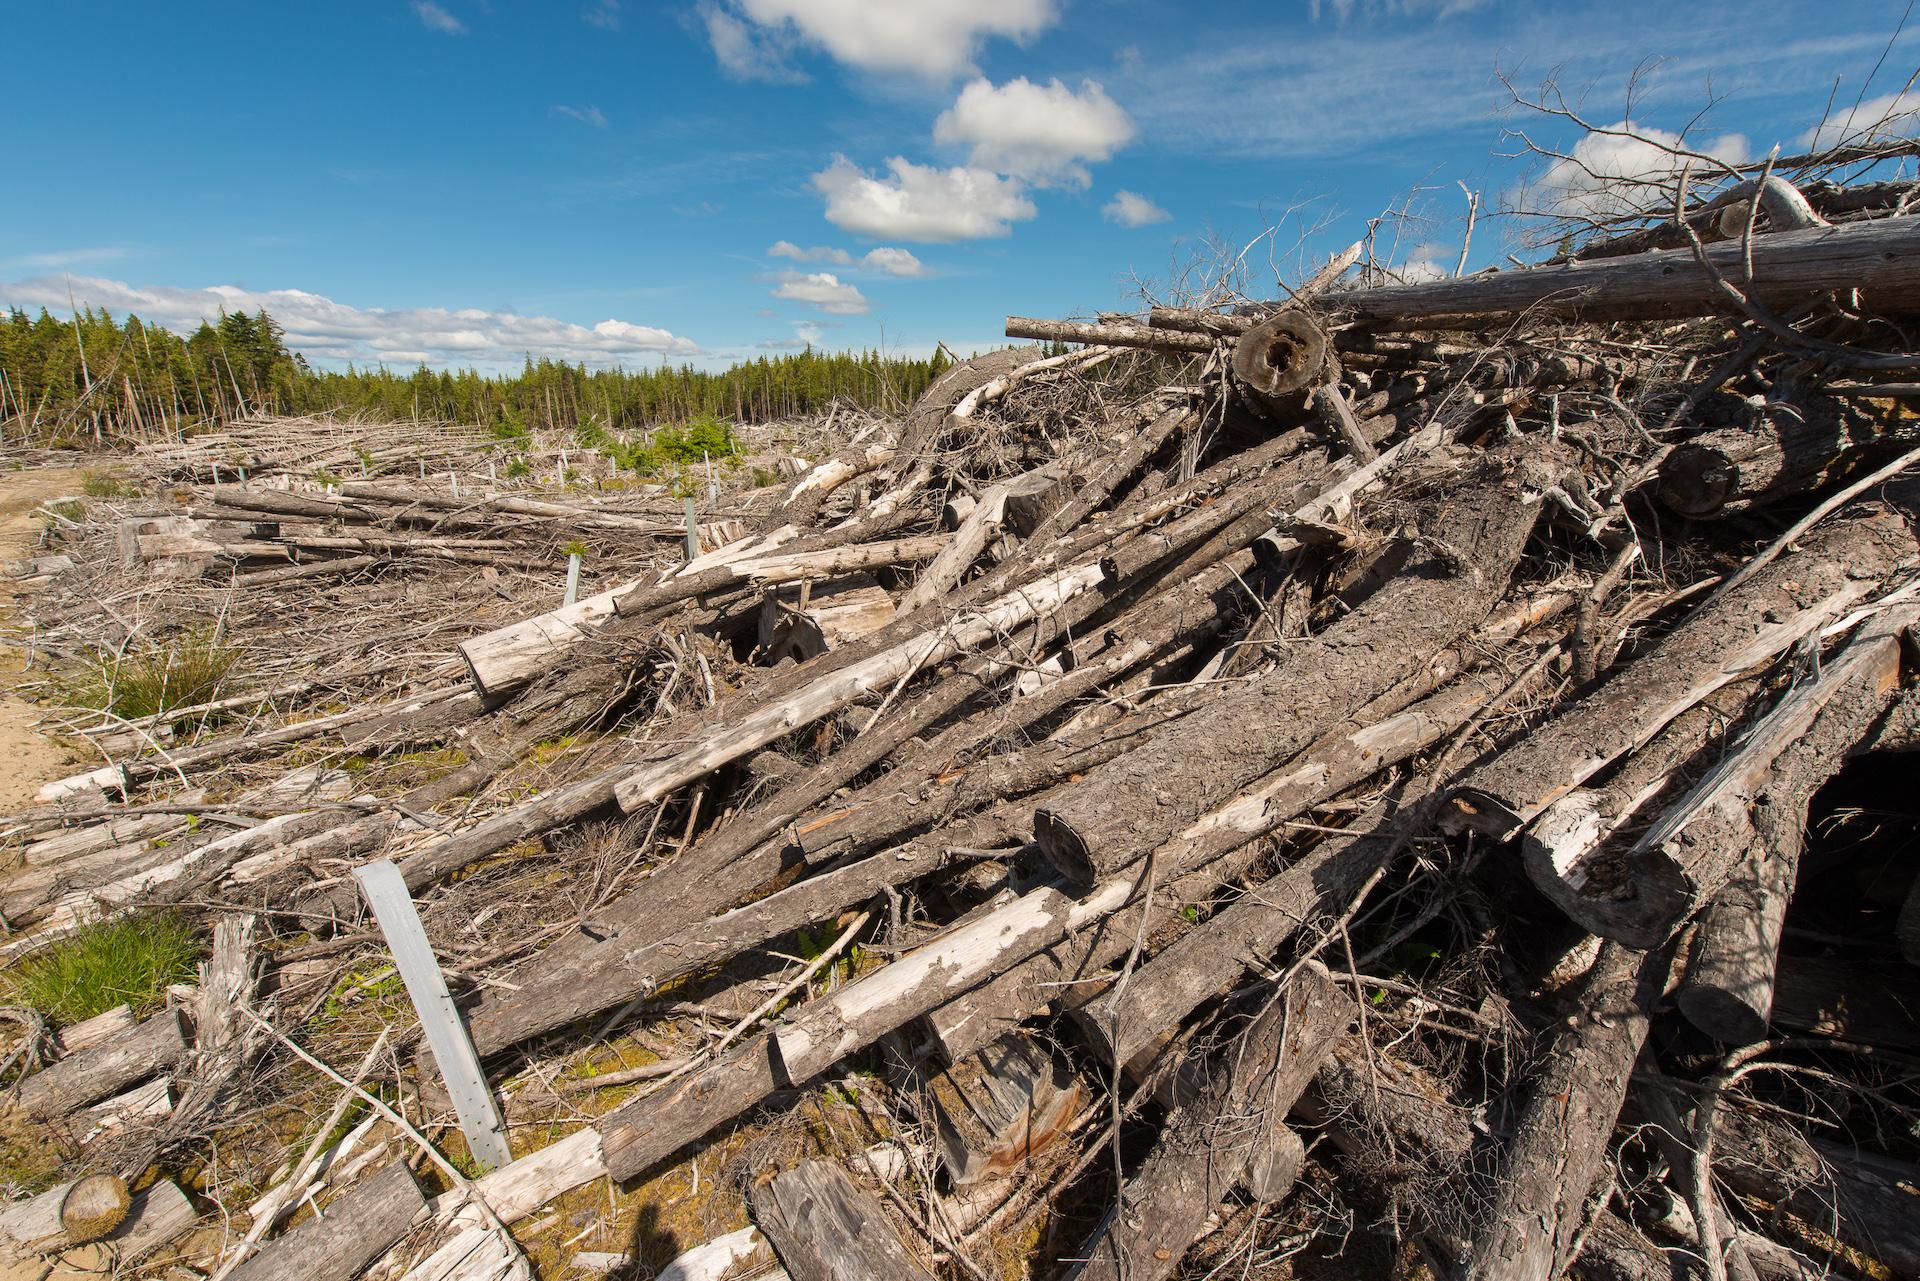 piles of timber